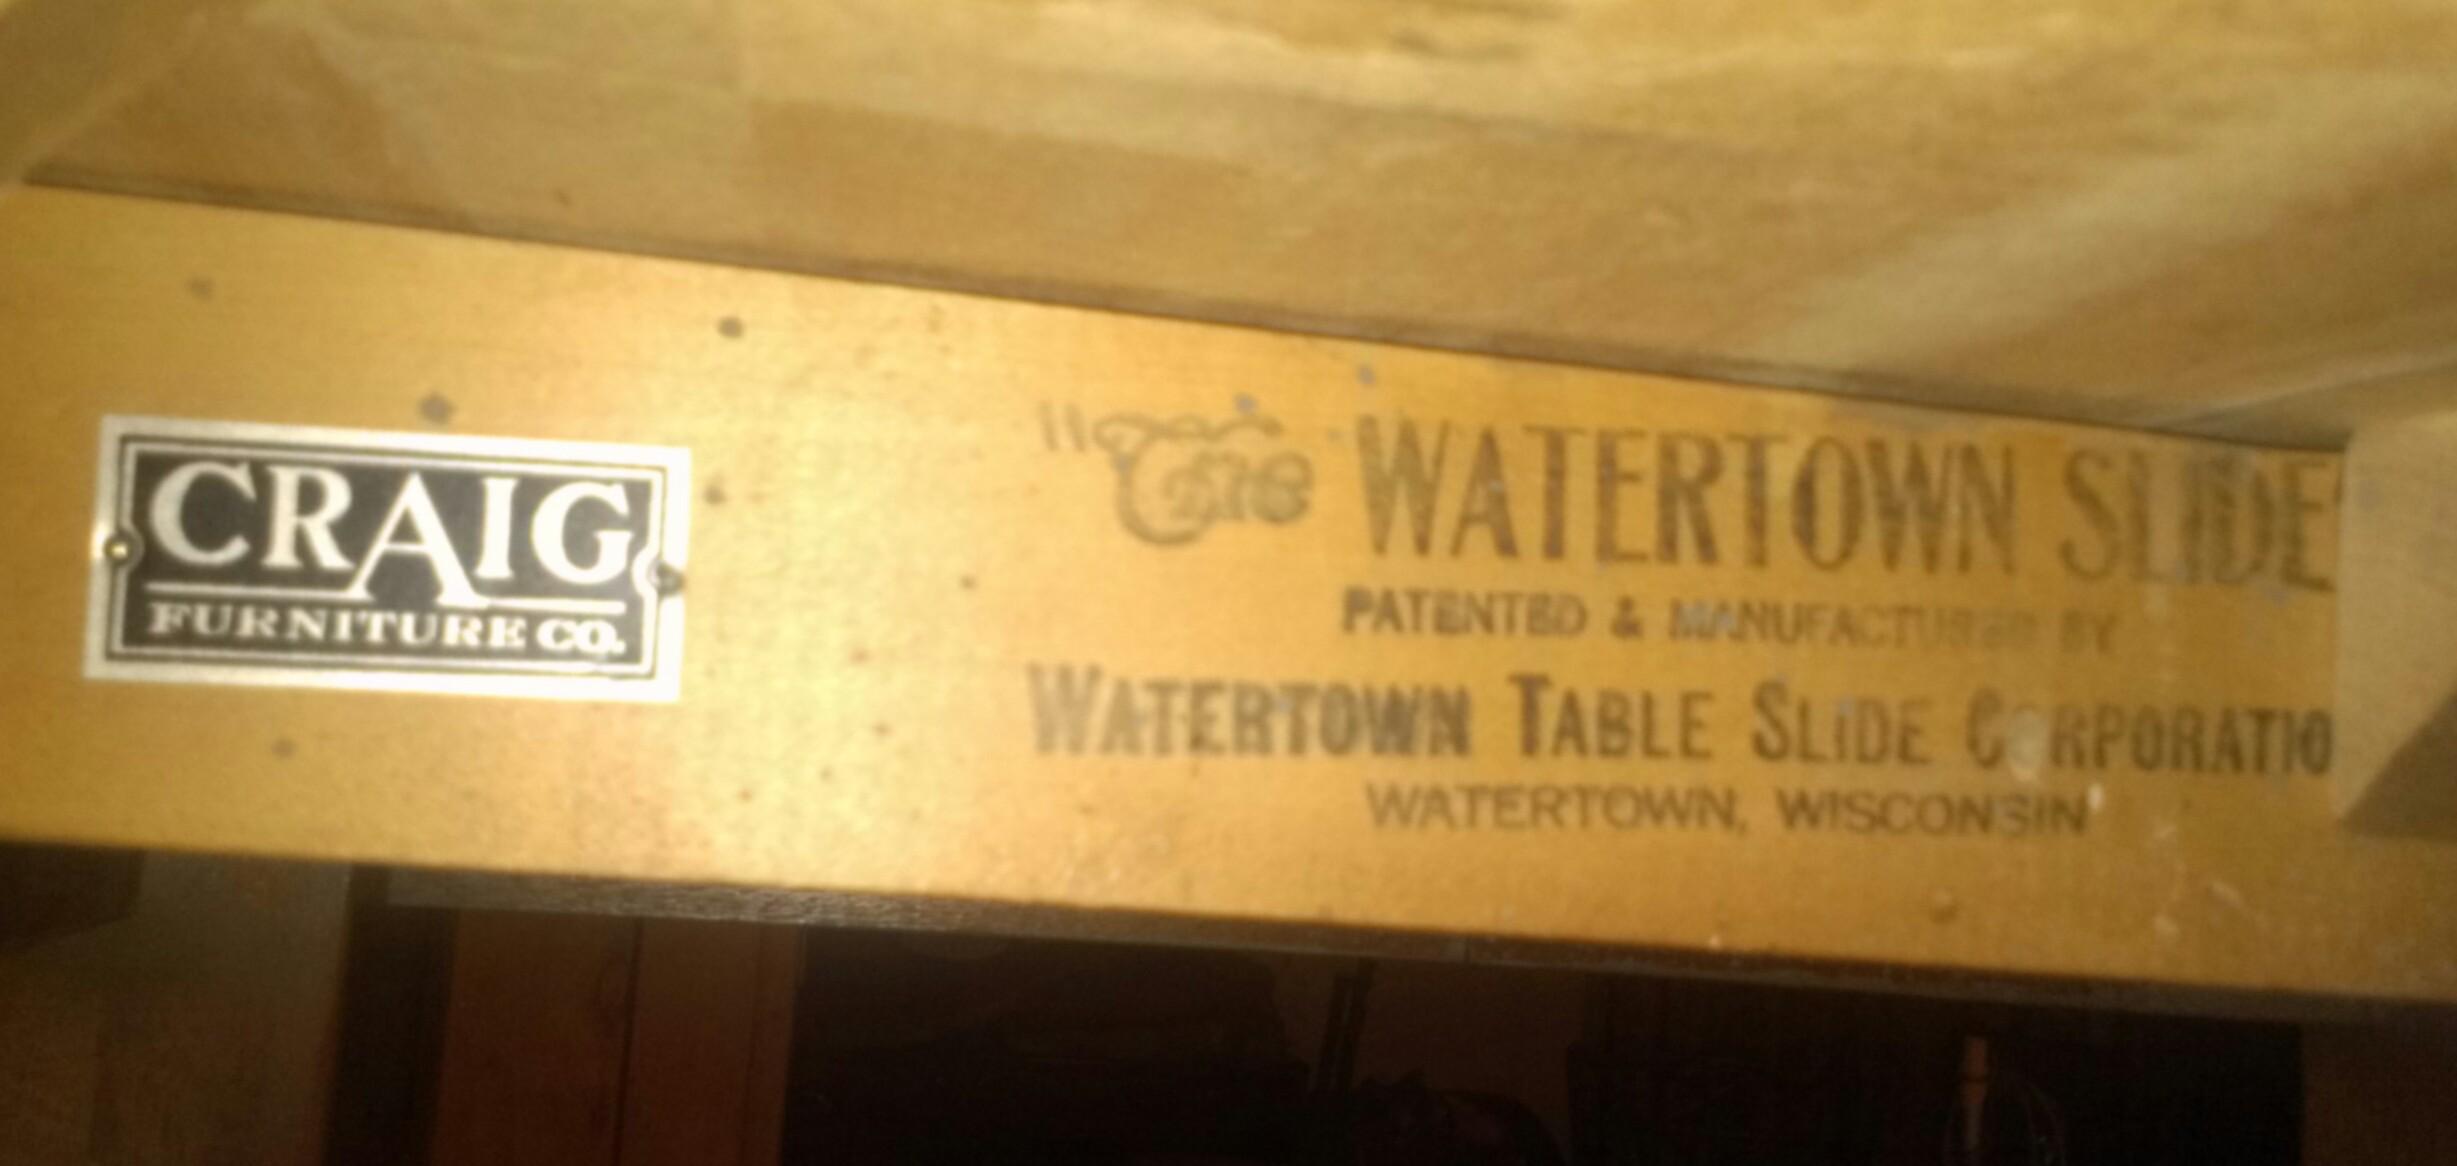 Watertown Slide Drop Leaf Table Antique Appraisal